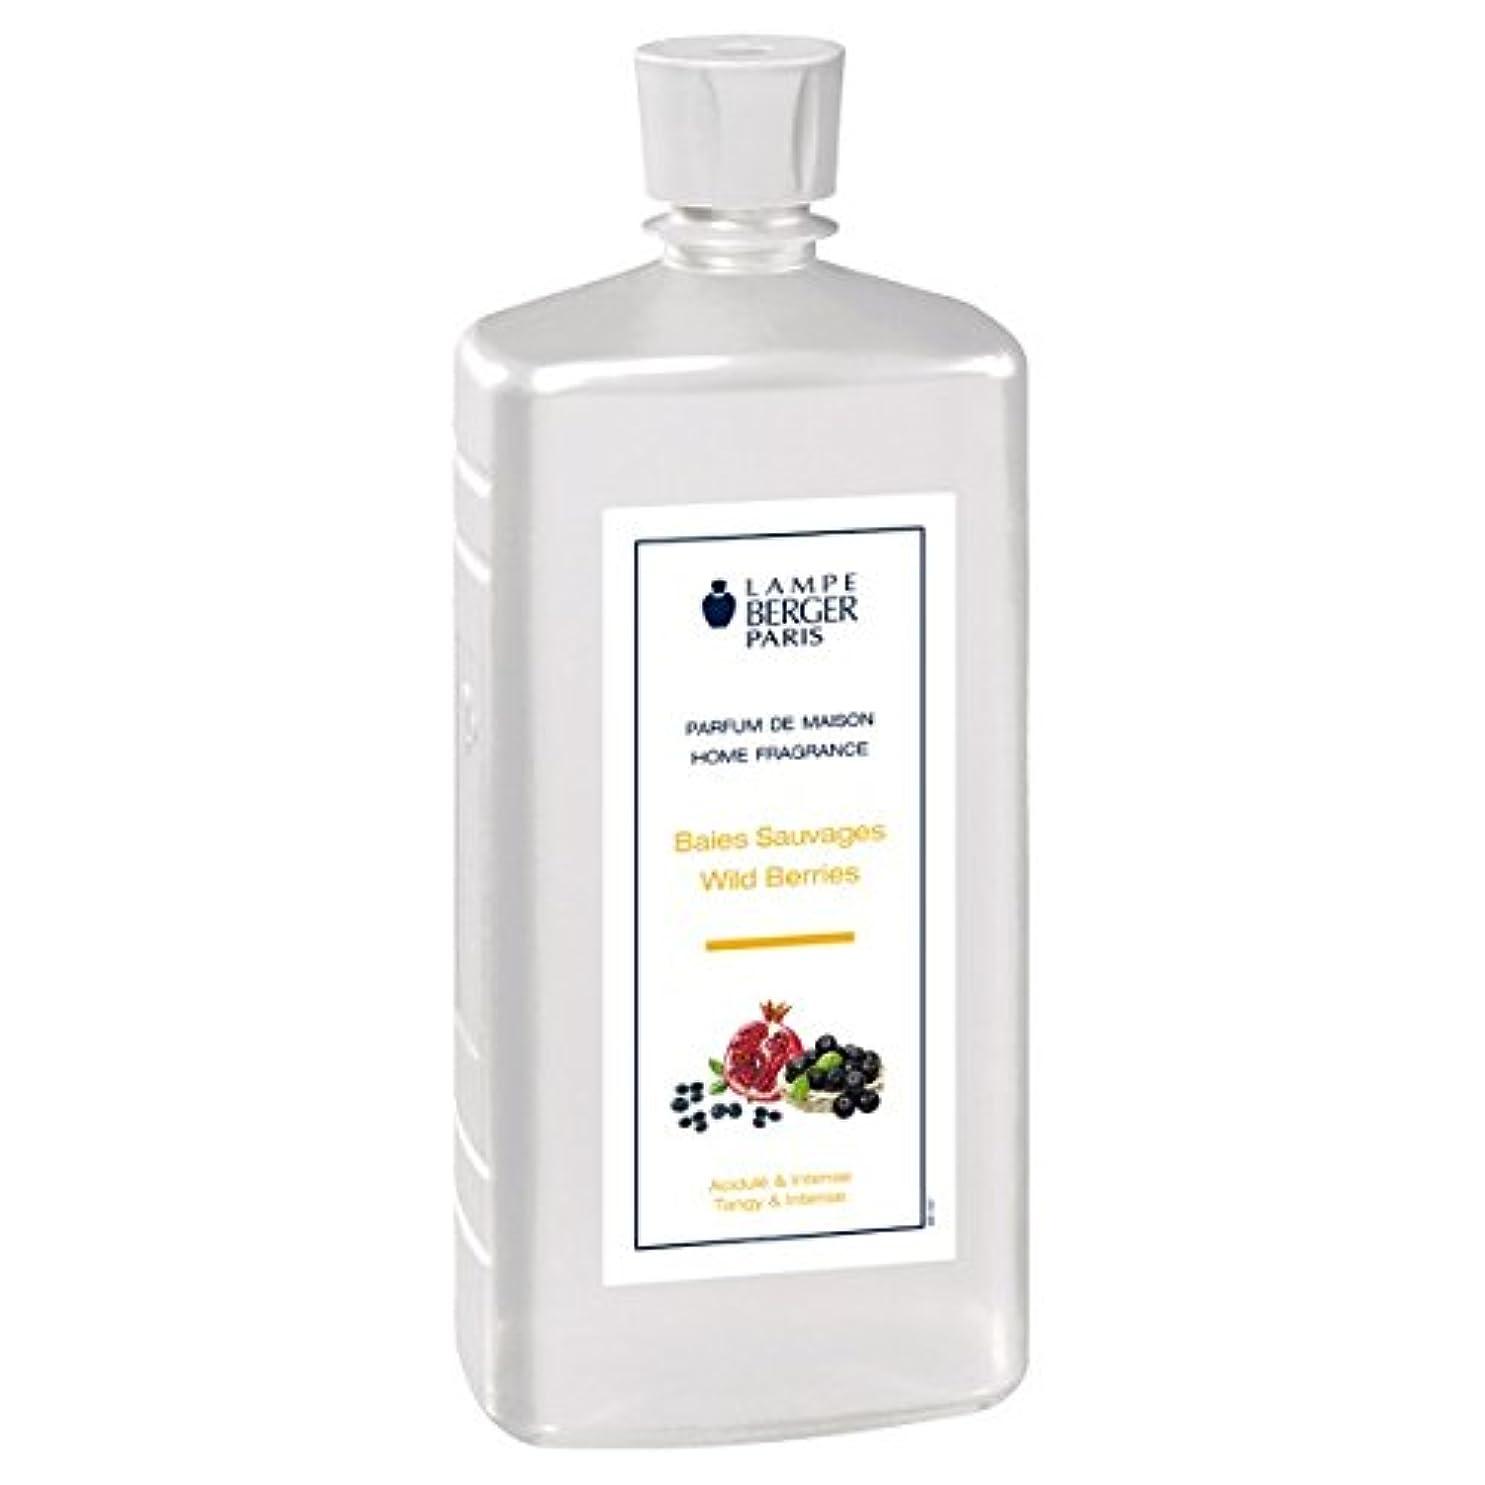 豆クレーターターミナルランプベルジェパリ直輸入パフュームアロマオイル1Lワイルドベリーズの香り(甘いリキュールの香りがアクセントでラストのレッドドラゴンフルーツやムスクなどの優しいハーモニーの香り